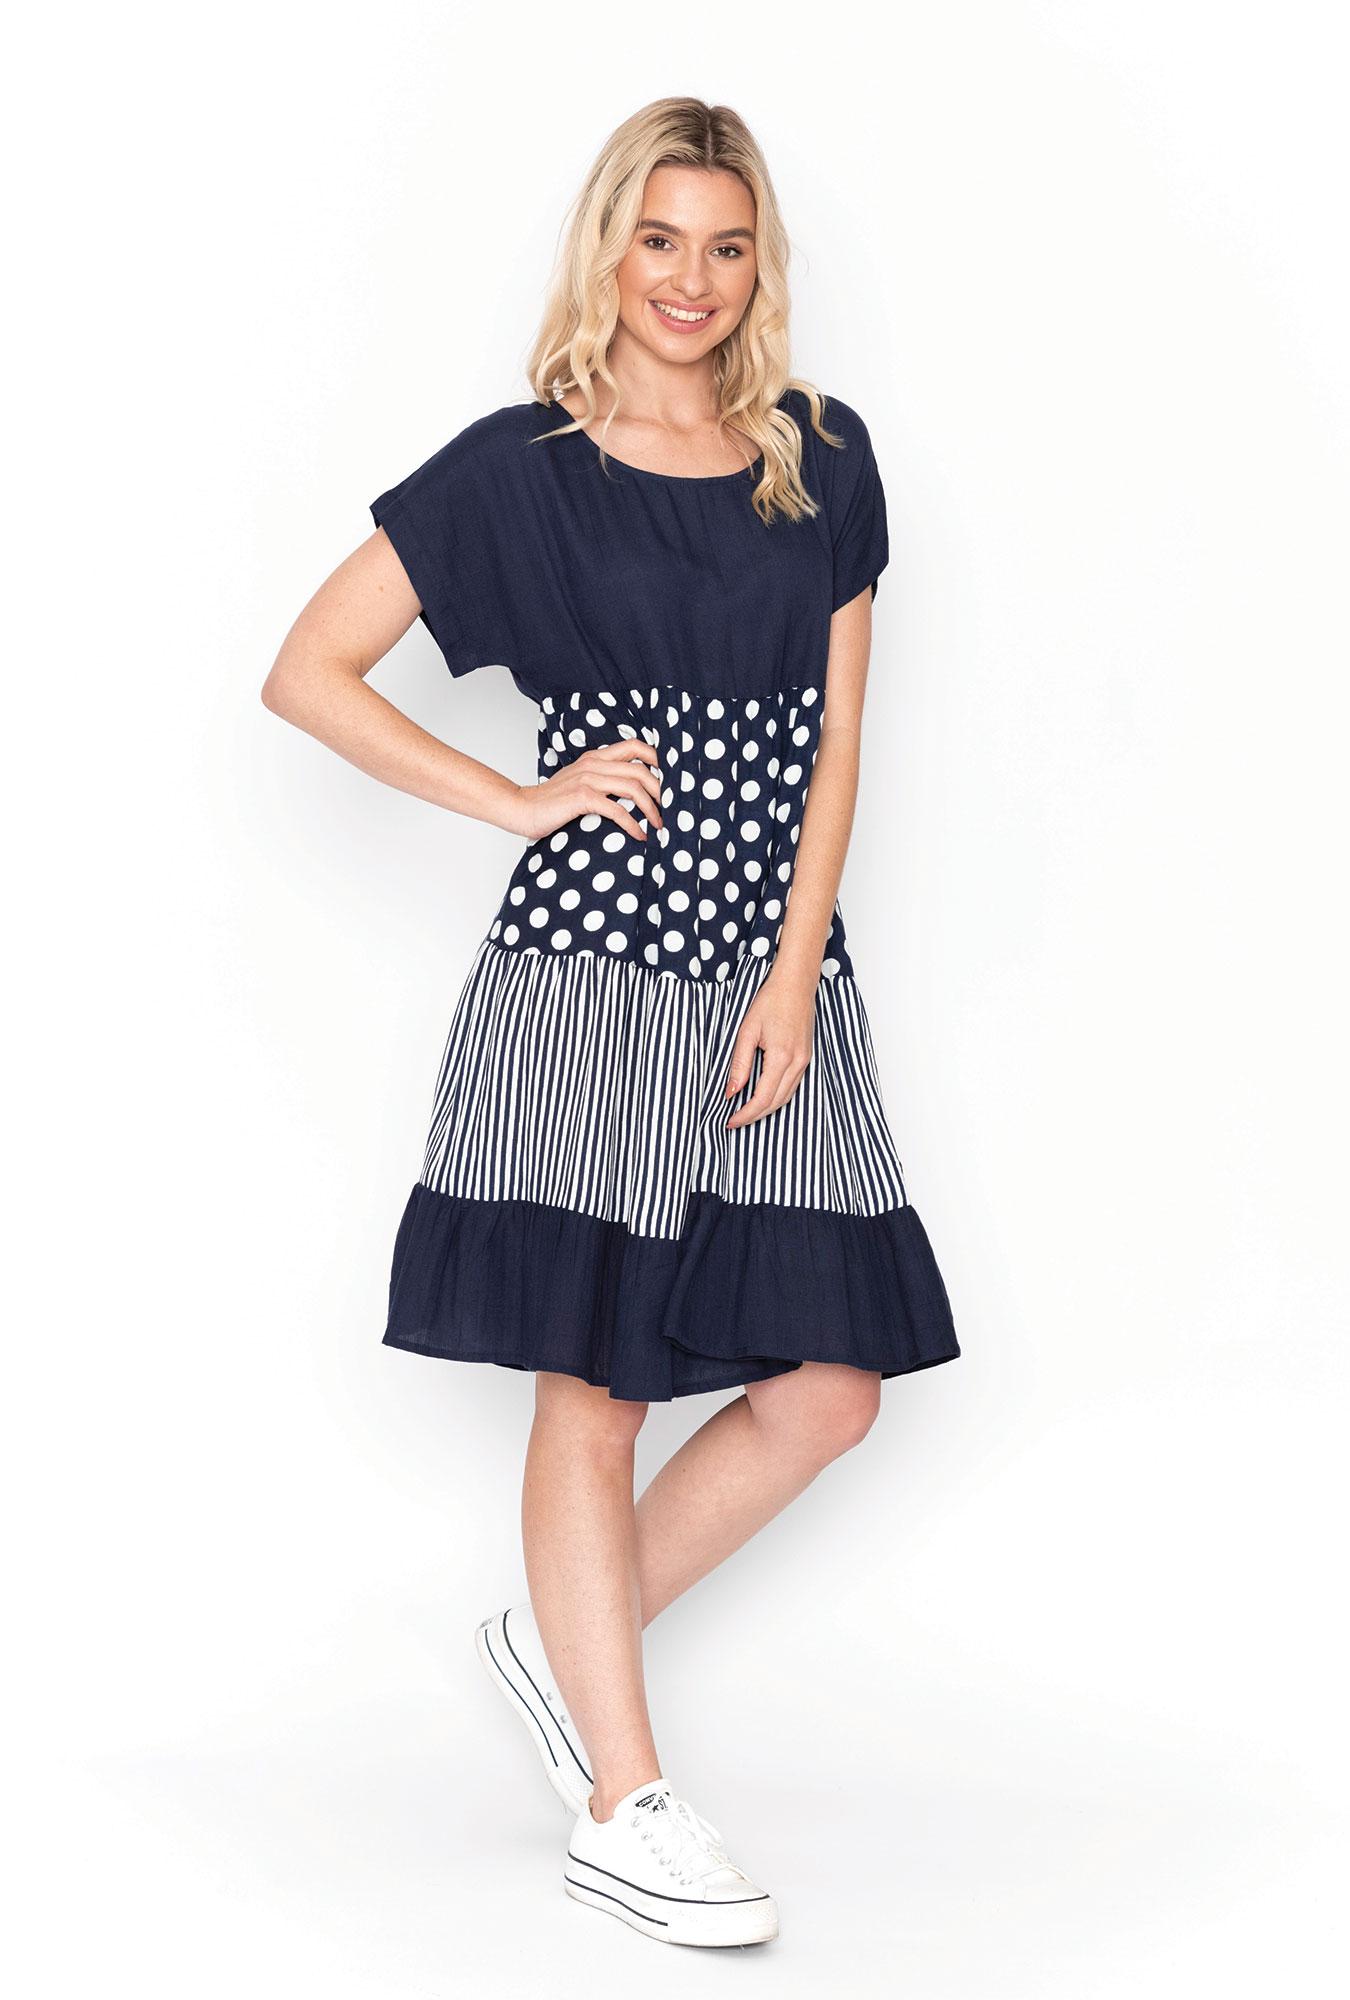 Rachel Dress in Navy